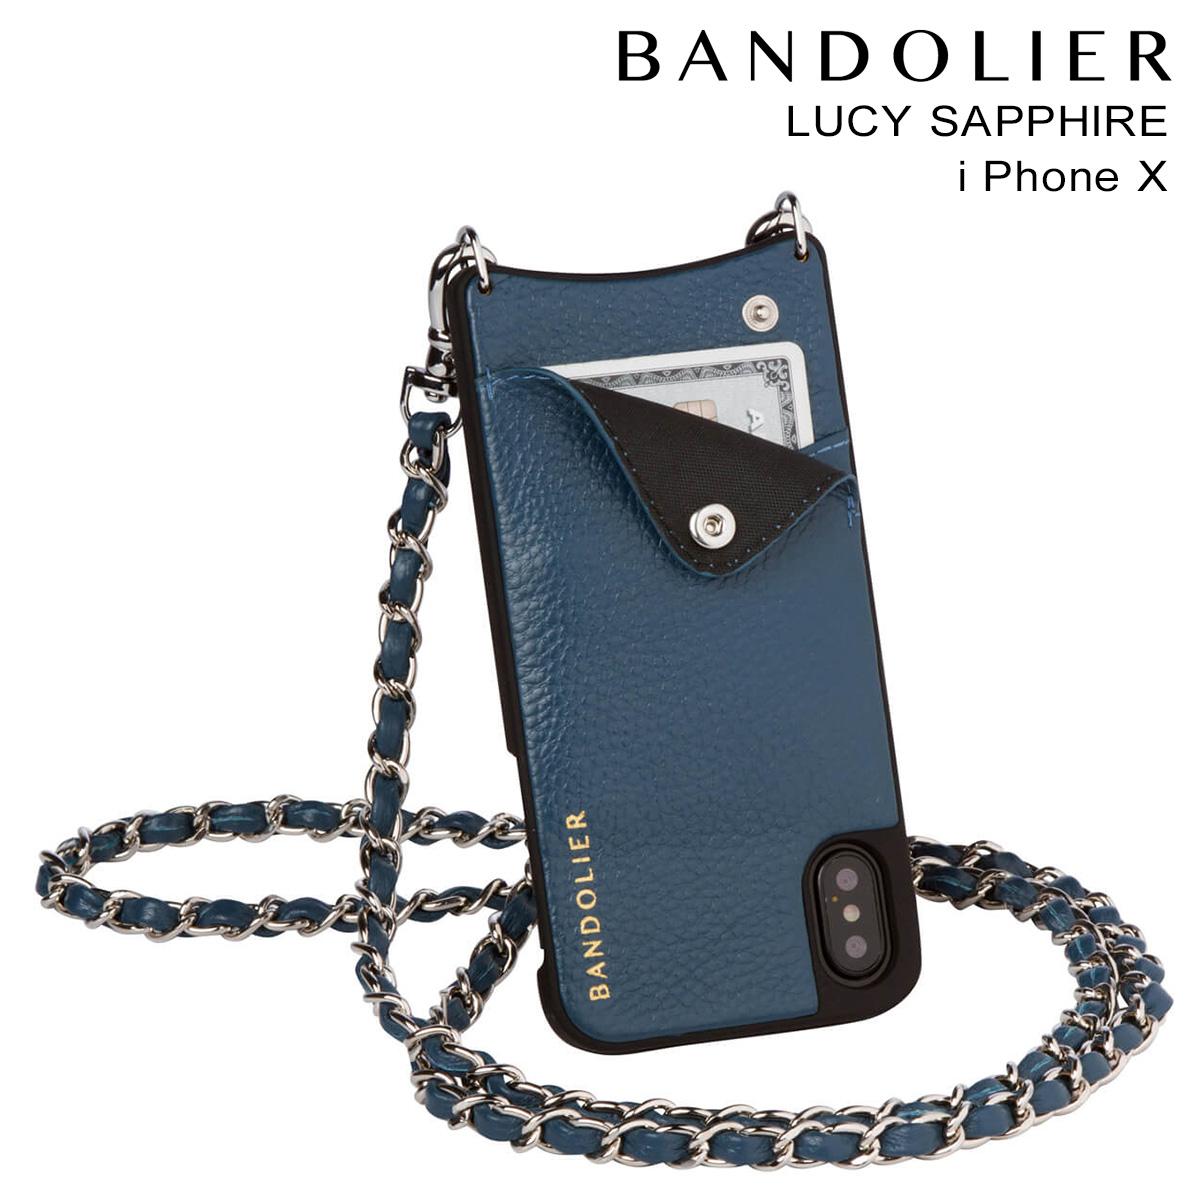 バンドリヤー BANDOLIER iPhoneX ケース スマホ アイフォン LUCY SAPPHIRE レザー メンズ レディース [9/19 新入荷]